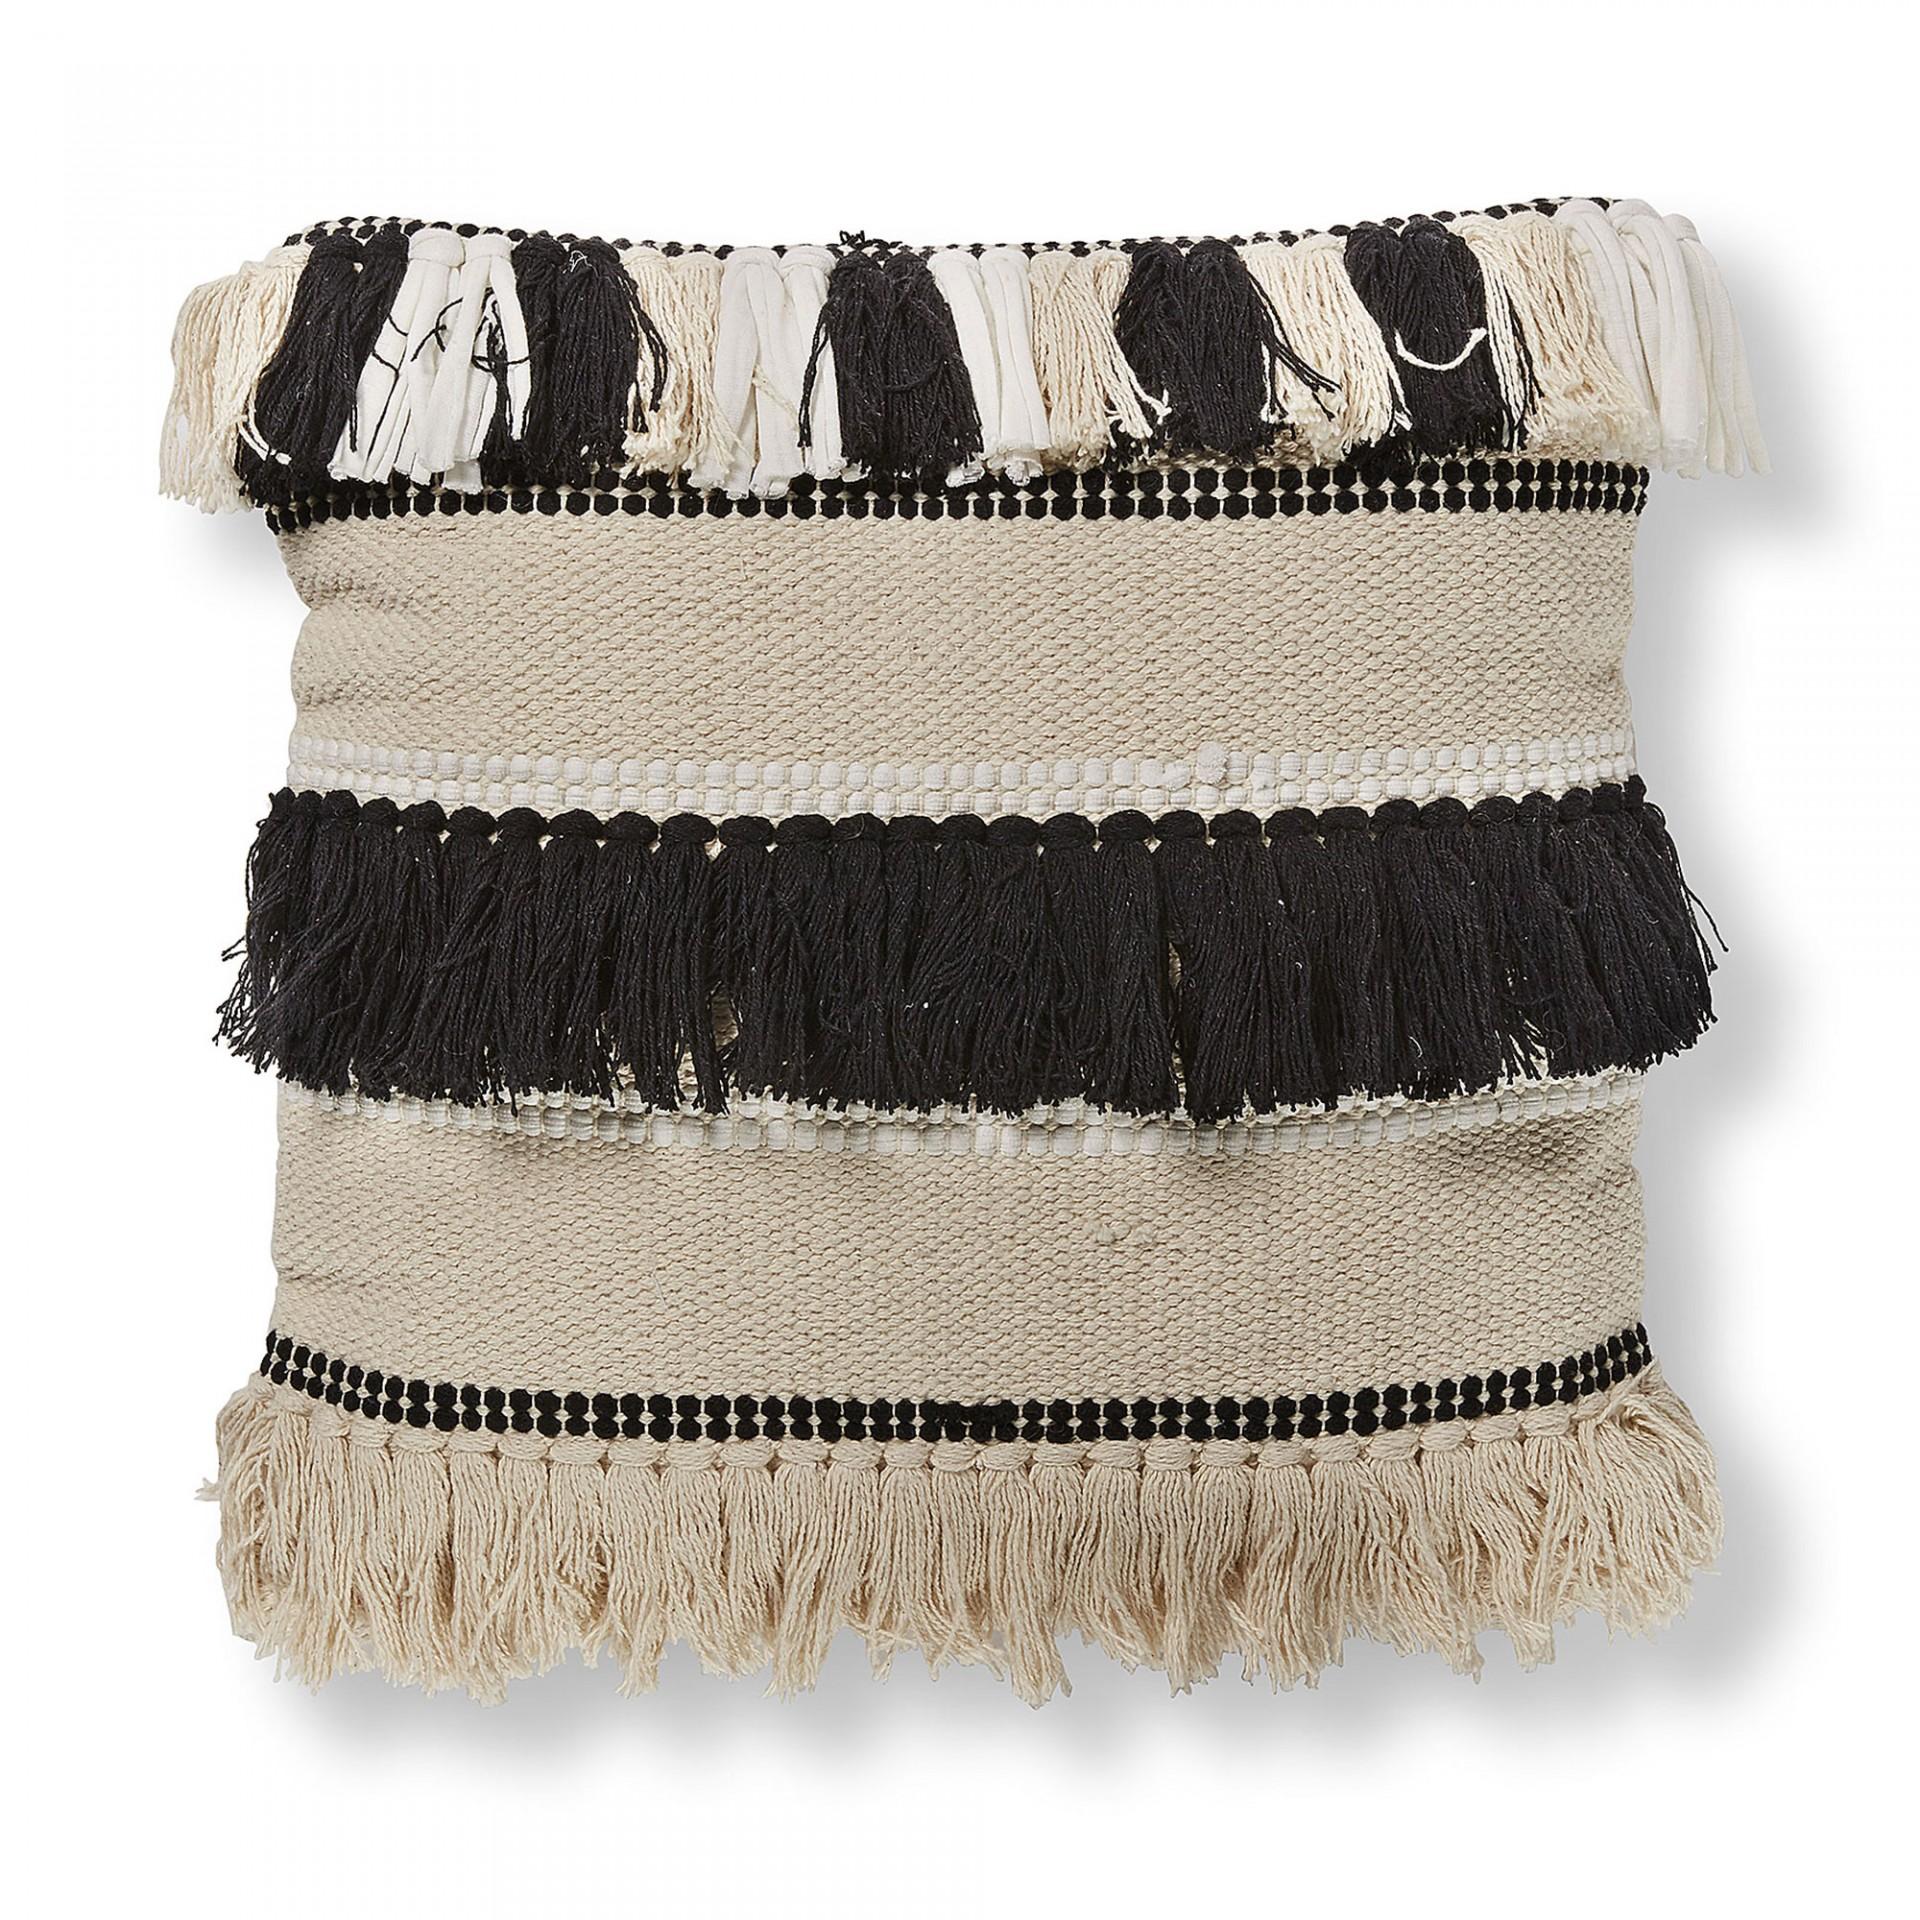 Capa de almofada Fini, c/franjas, preto/bege, 45x45